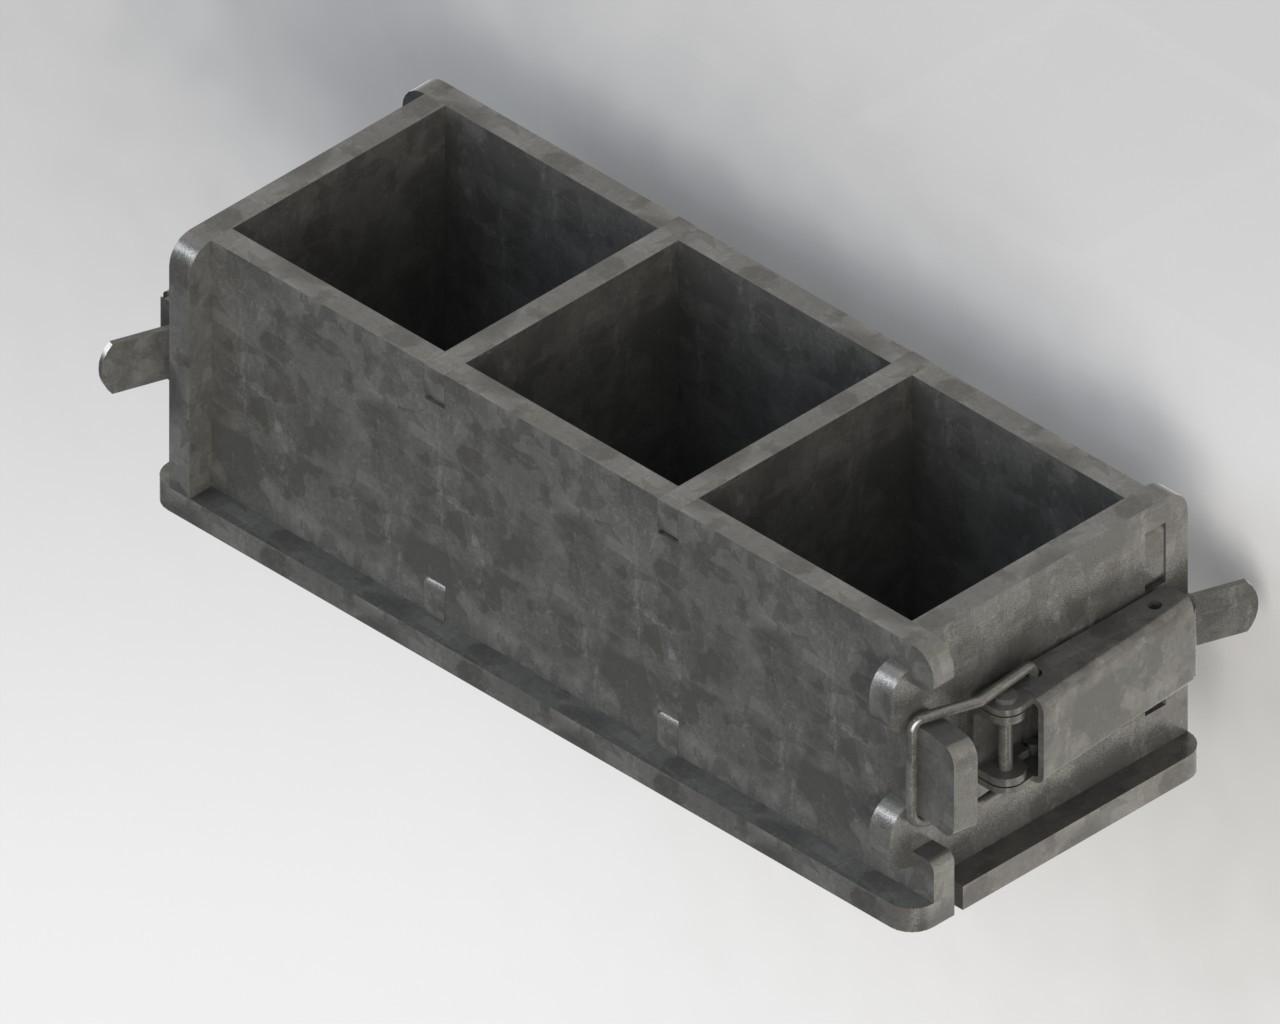 Куплю формы для испытания бетона купить бетон таблица